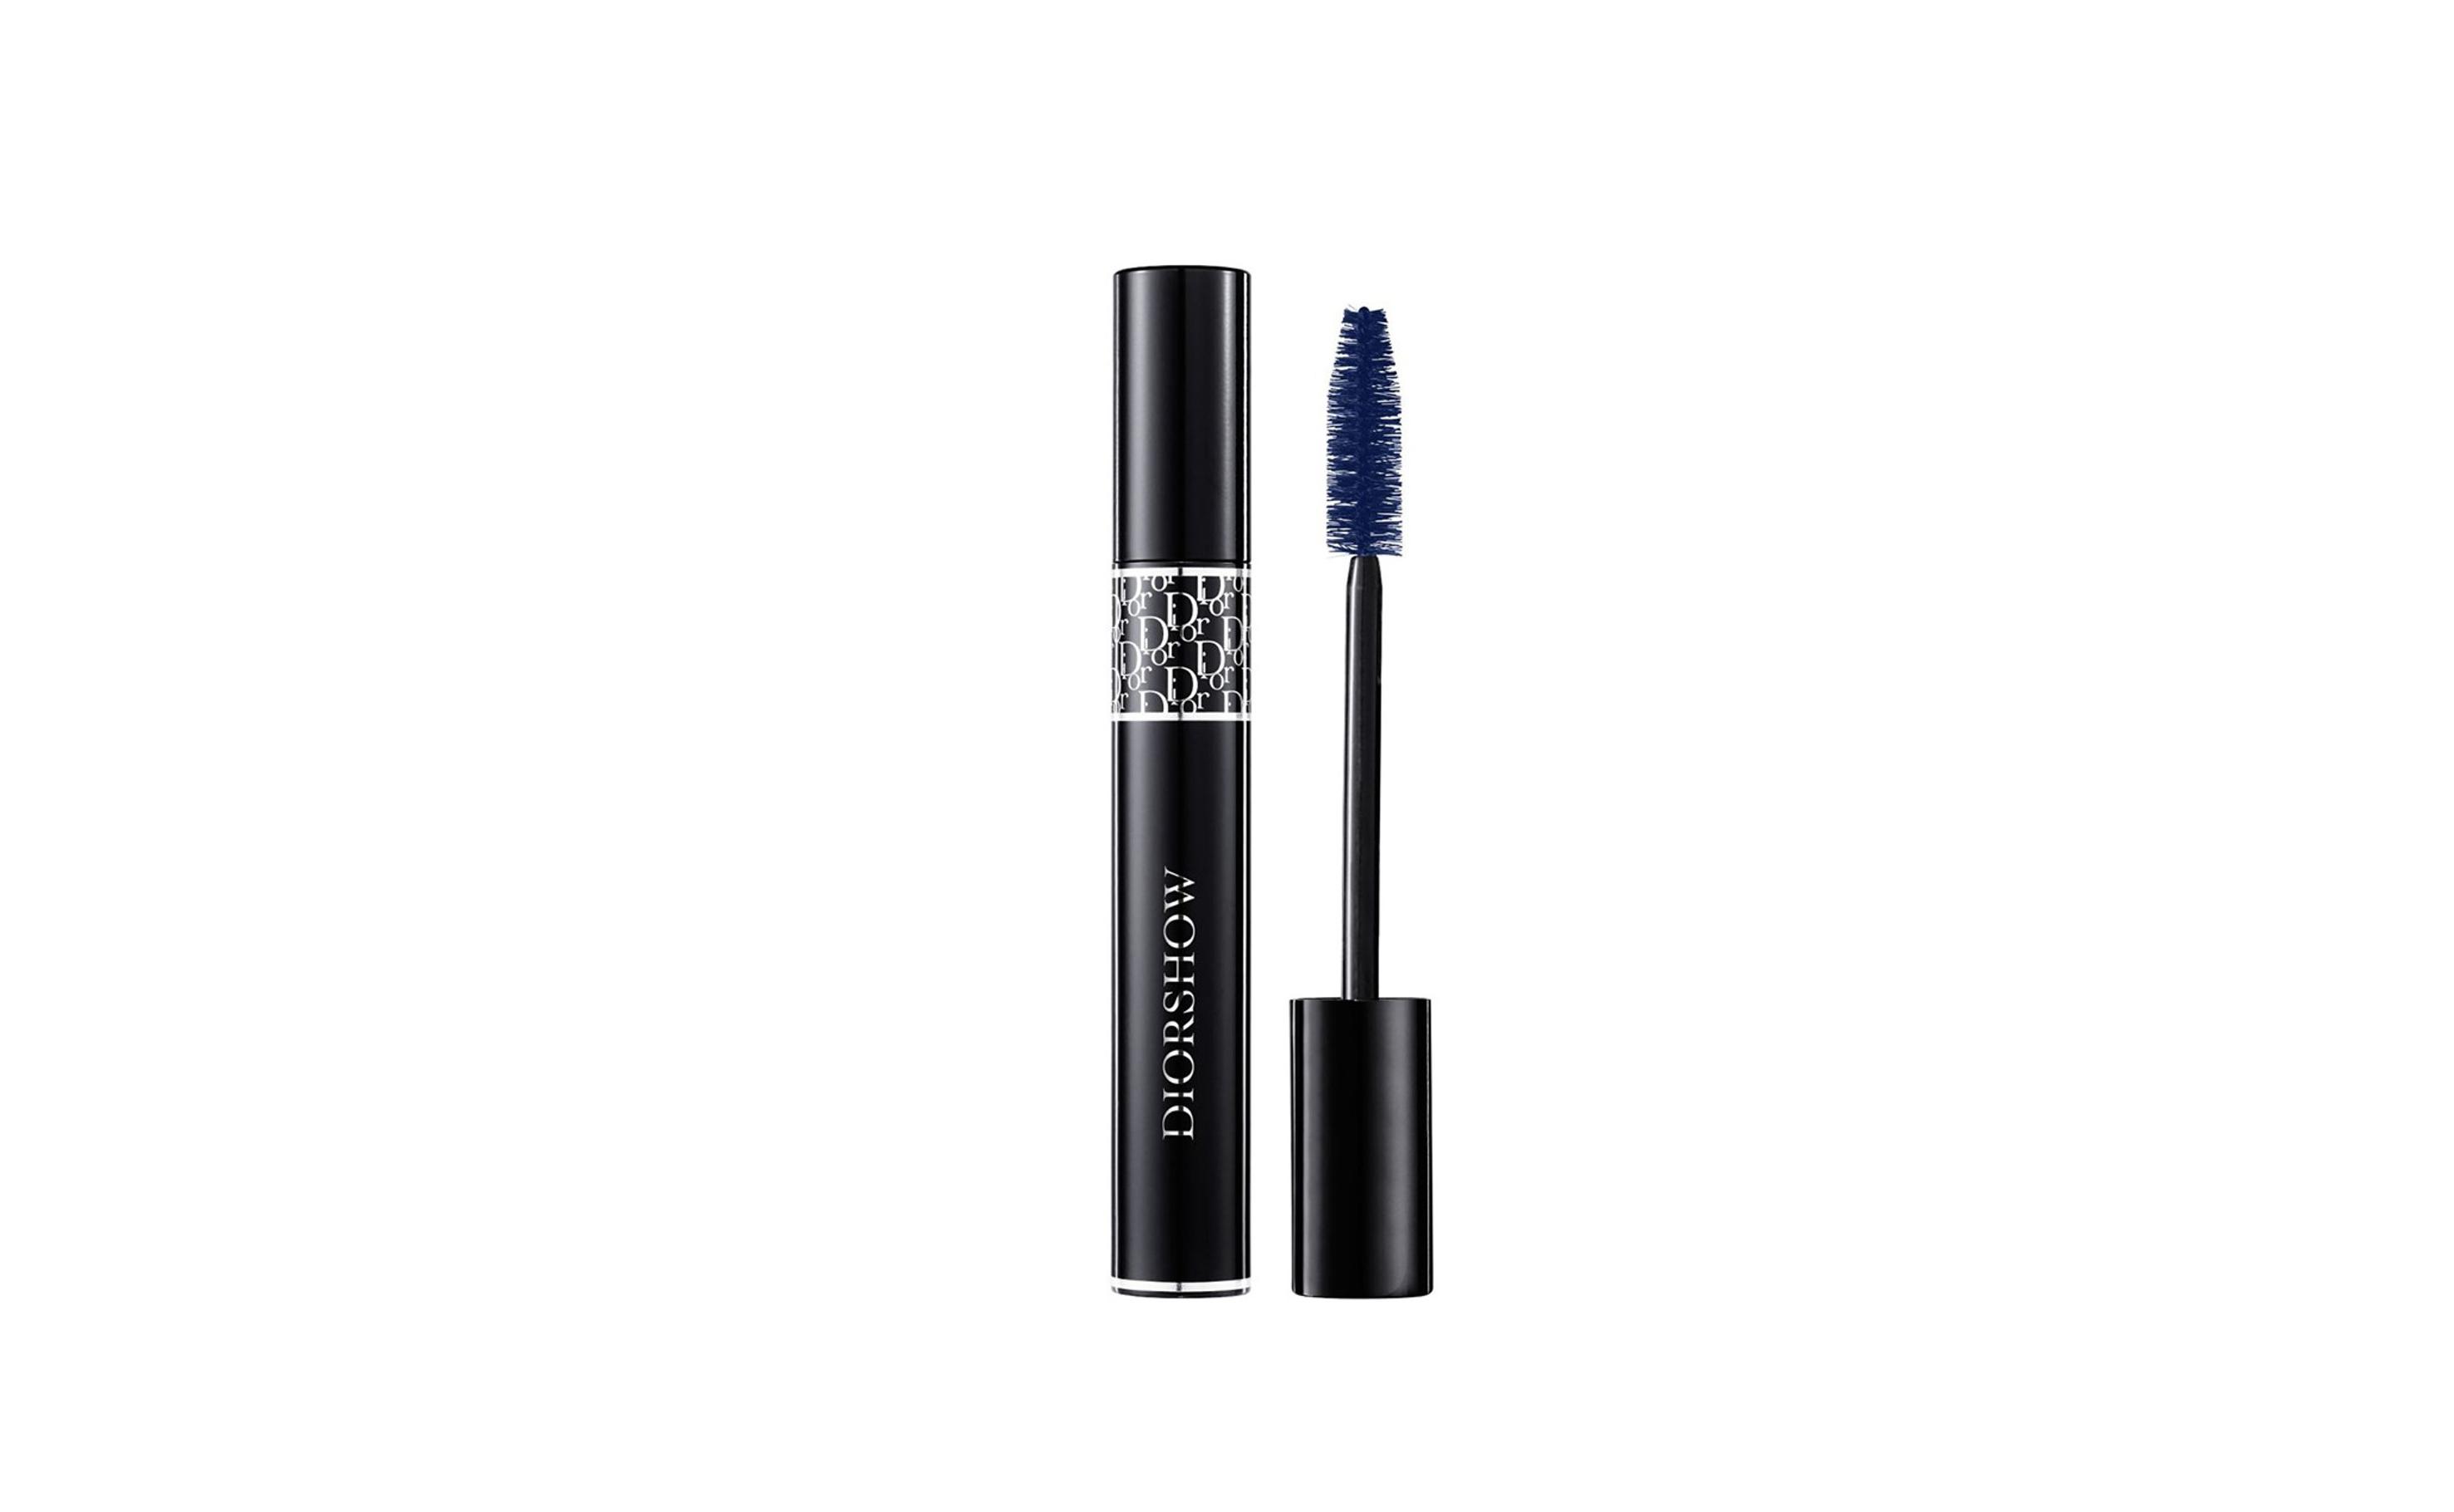 Dior Diorshow Mascara in Blue